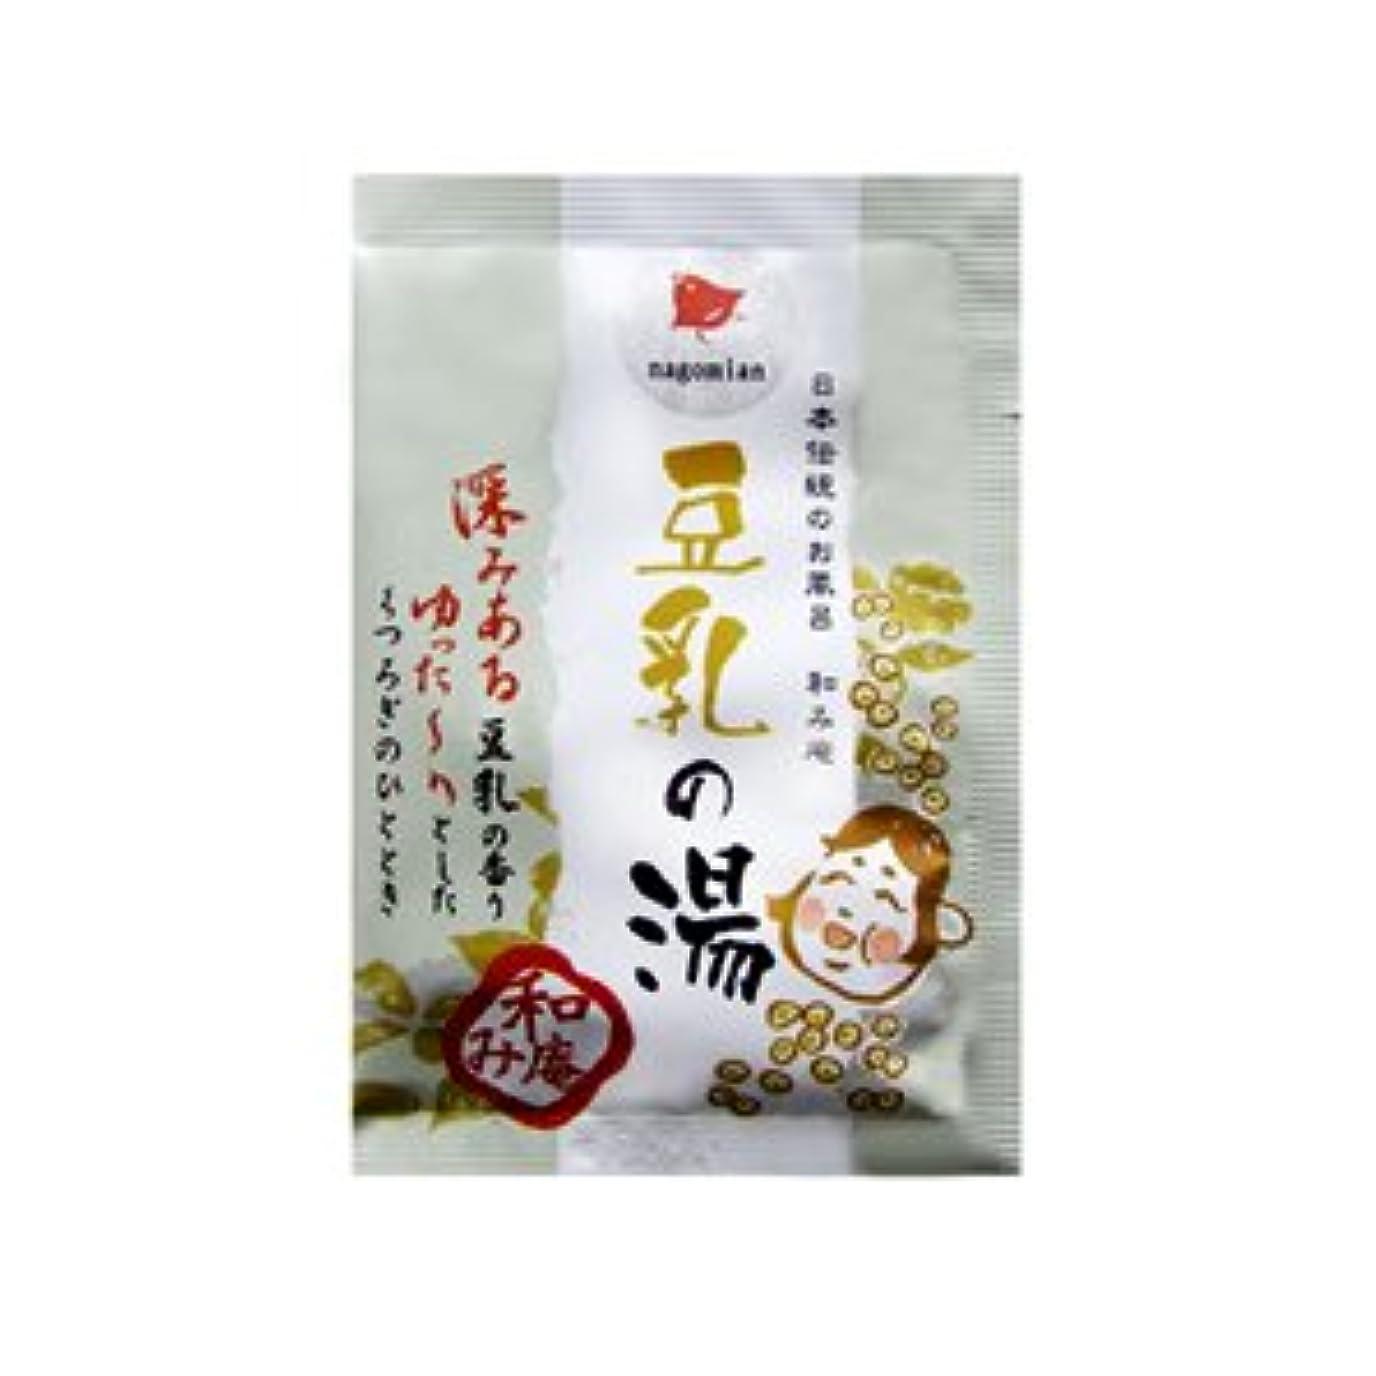 許可レール体細胞日本伝統のお風呂 和み庵 豆乳の湯 25g 5個セット